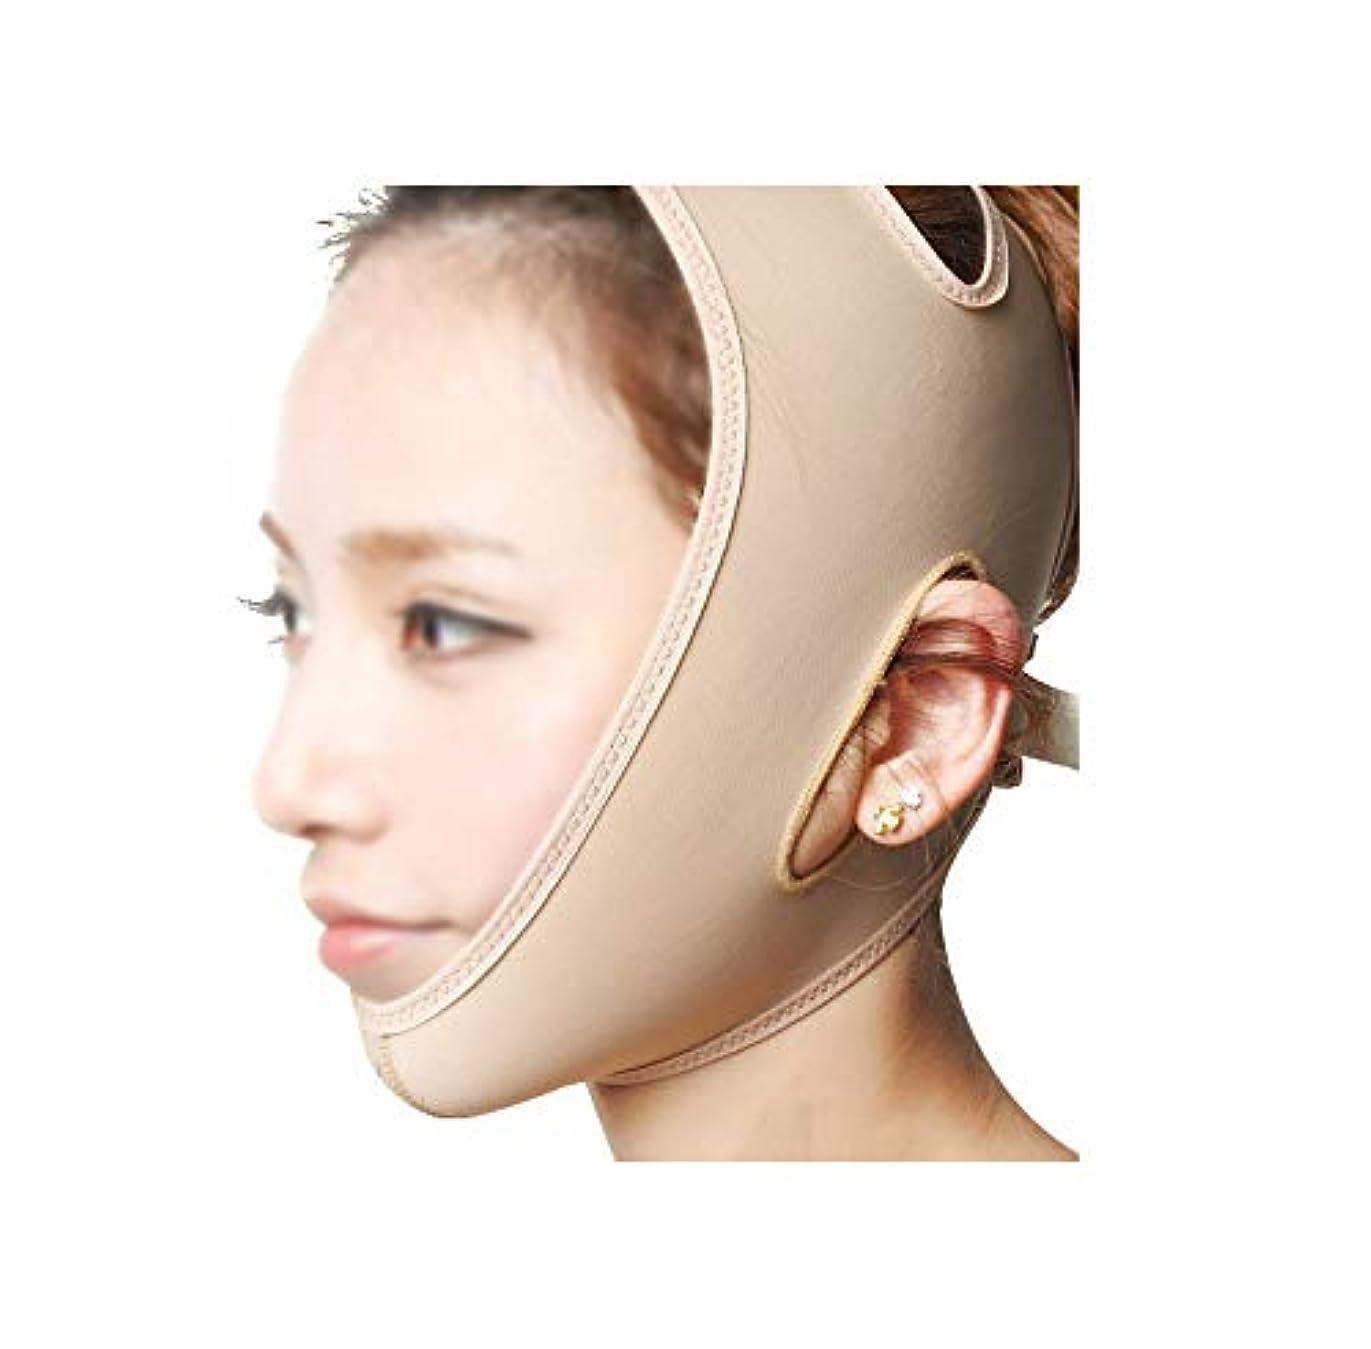 怒っている翻訳者トチの実の木XHLMRMJ フェイスリフティングバンデージ、フェイスマスク3Dパネルデザイン、通気性のある非通気性、高弾性ライクラ生地フィジカルVフェイス、美しい顔の輪郭の作成 (Size : M)